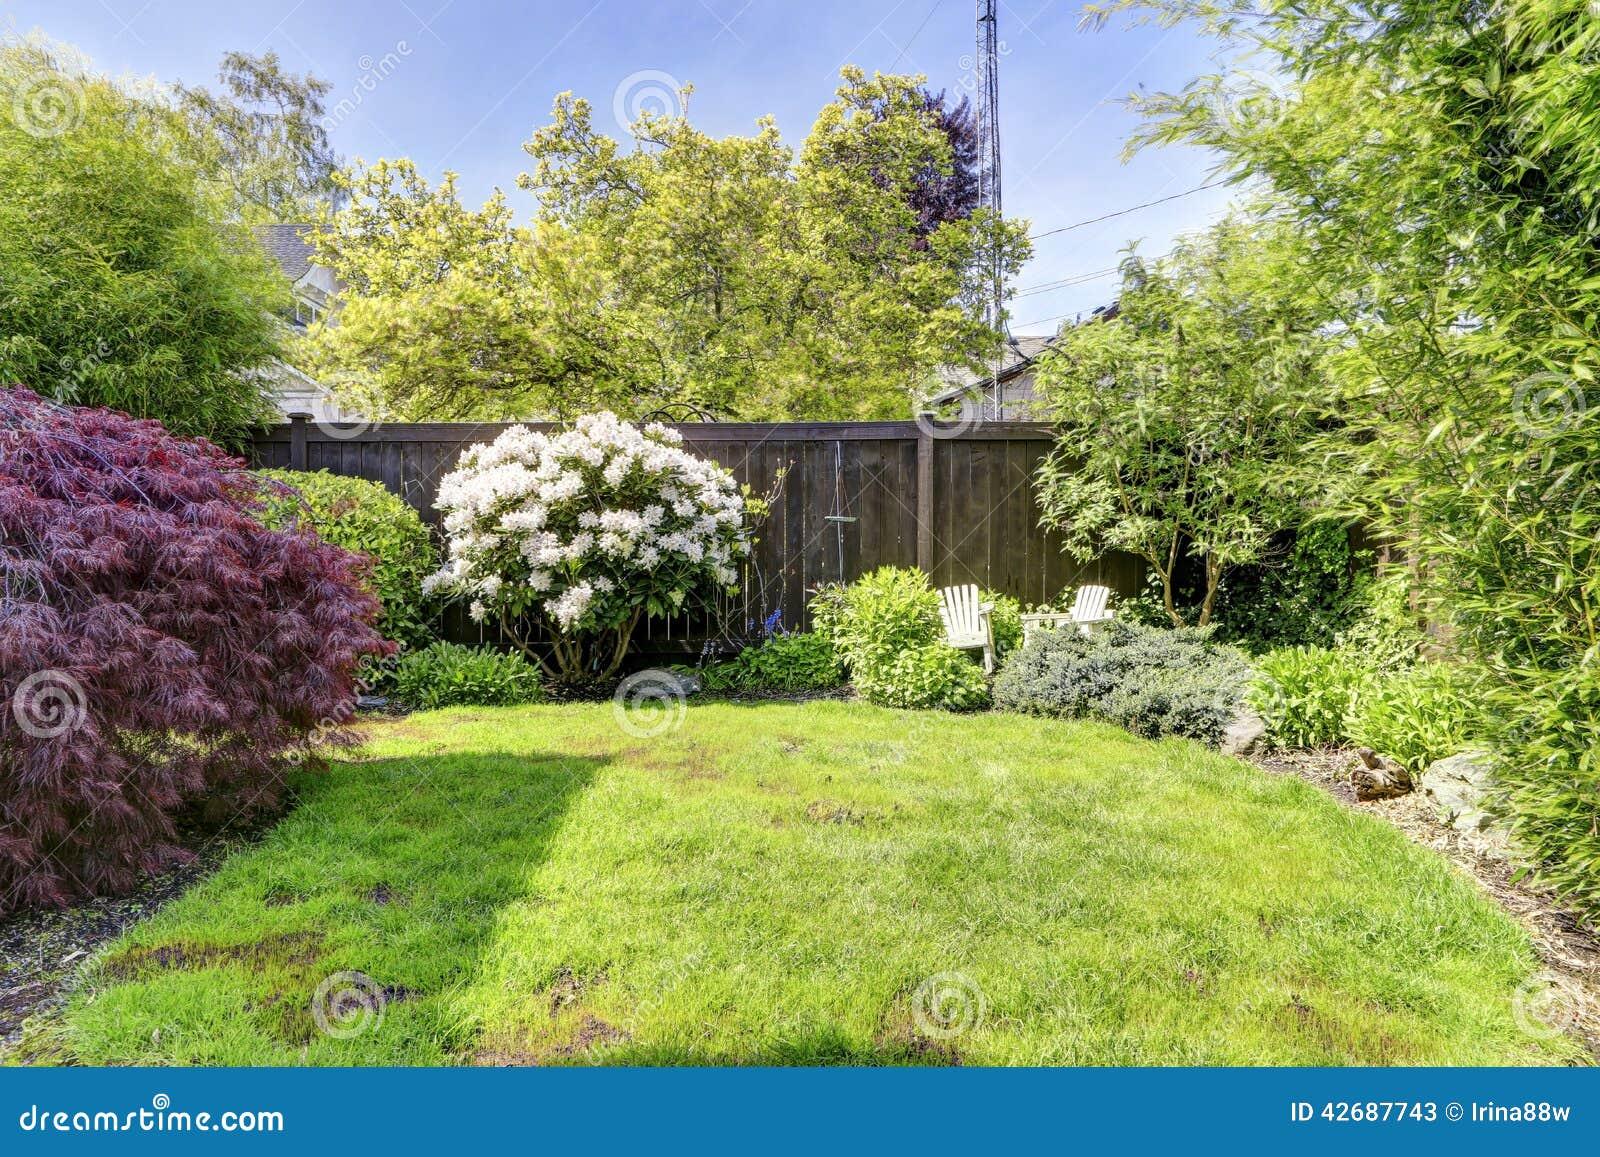 fotos de jardim quintal:Foto de Stock: Jardim cercado do quintal